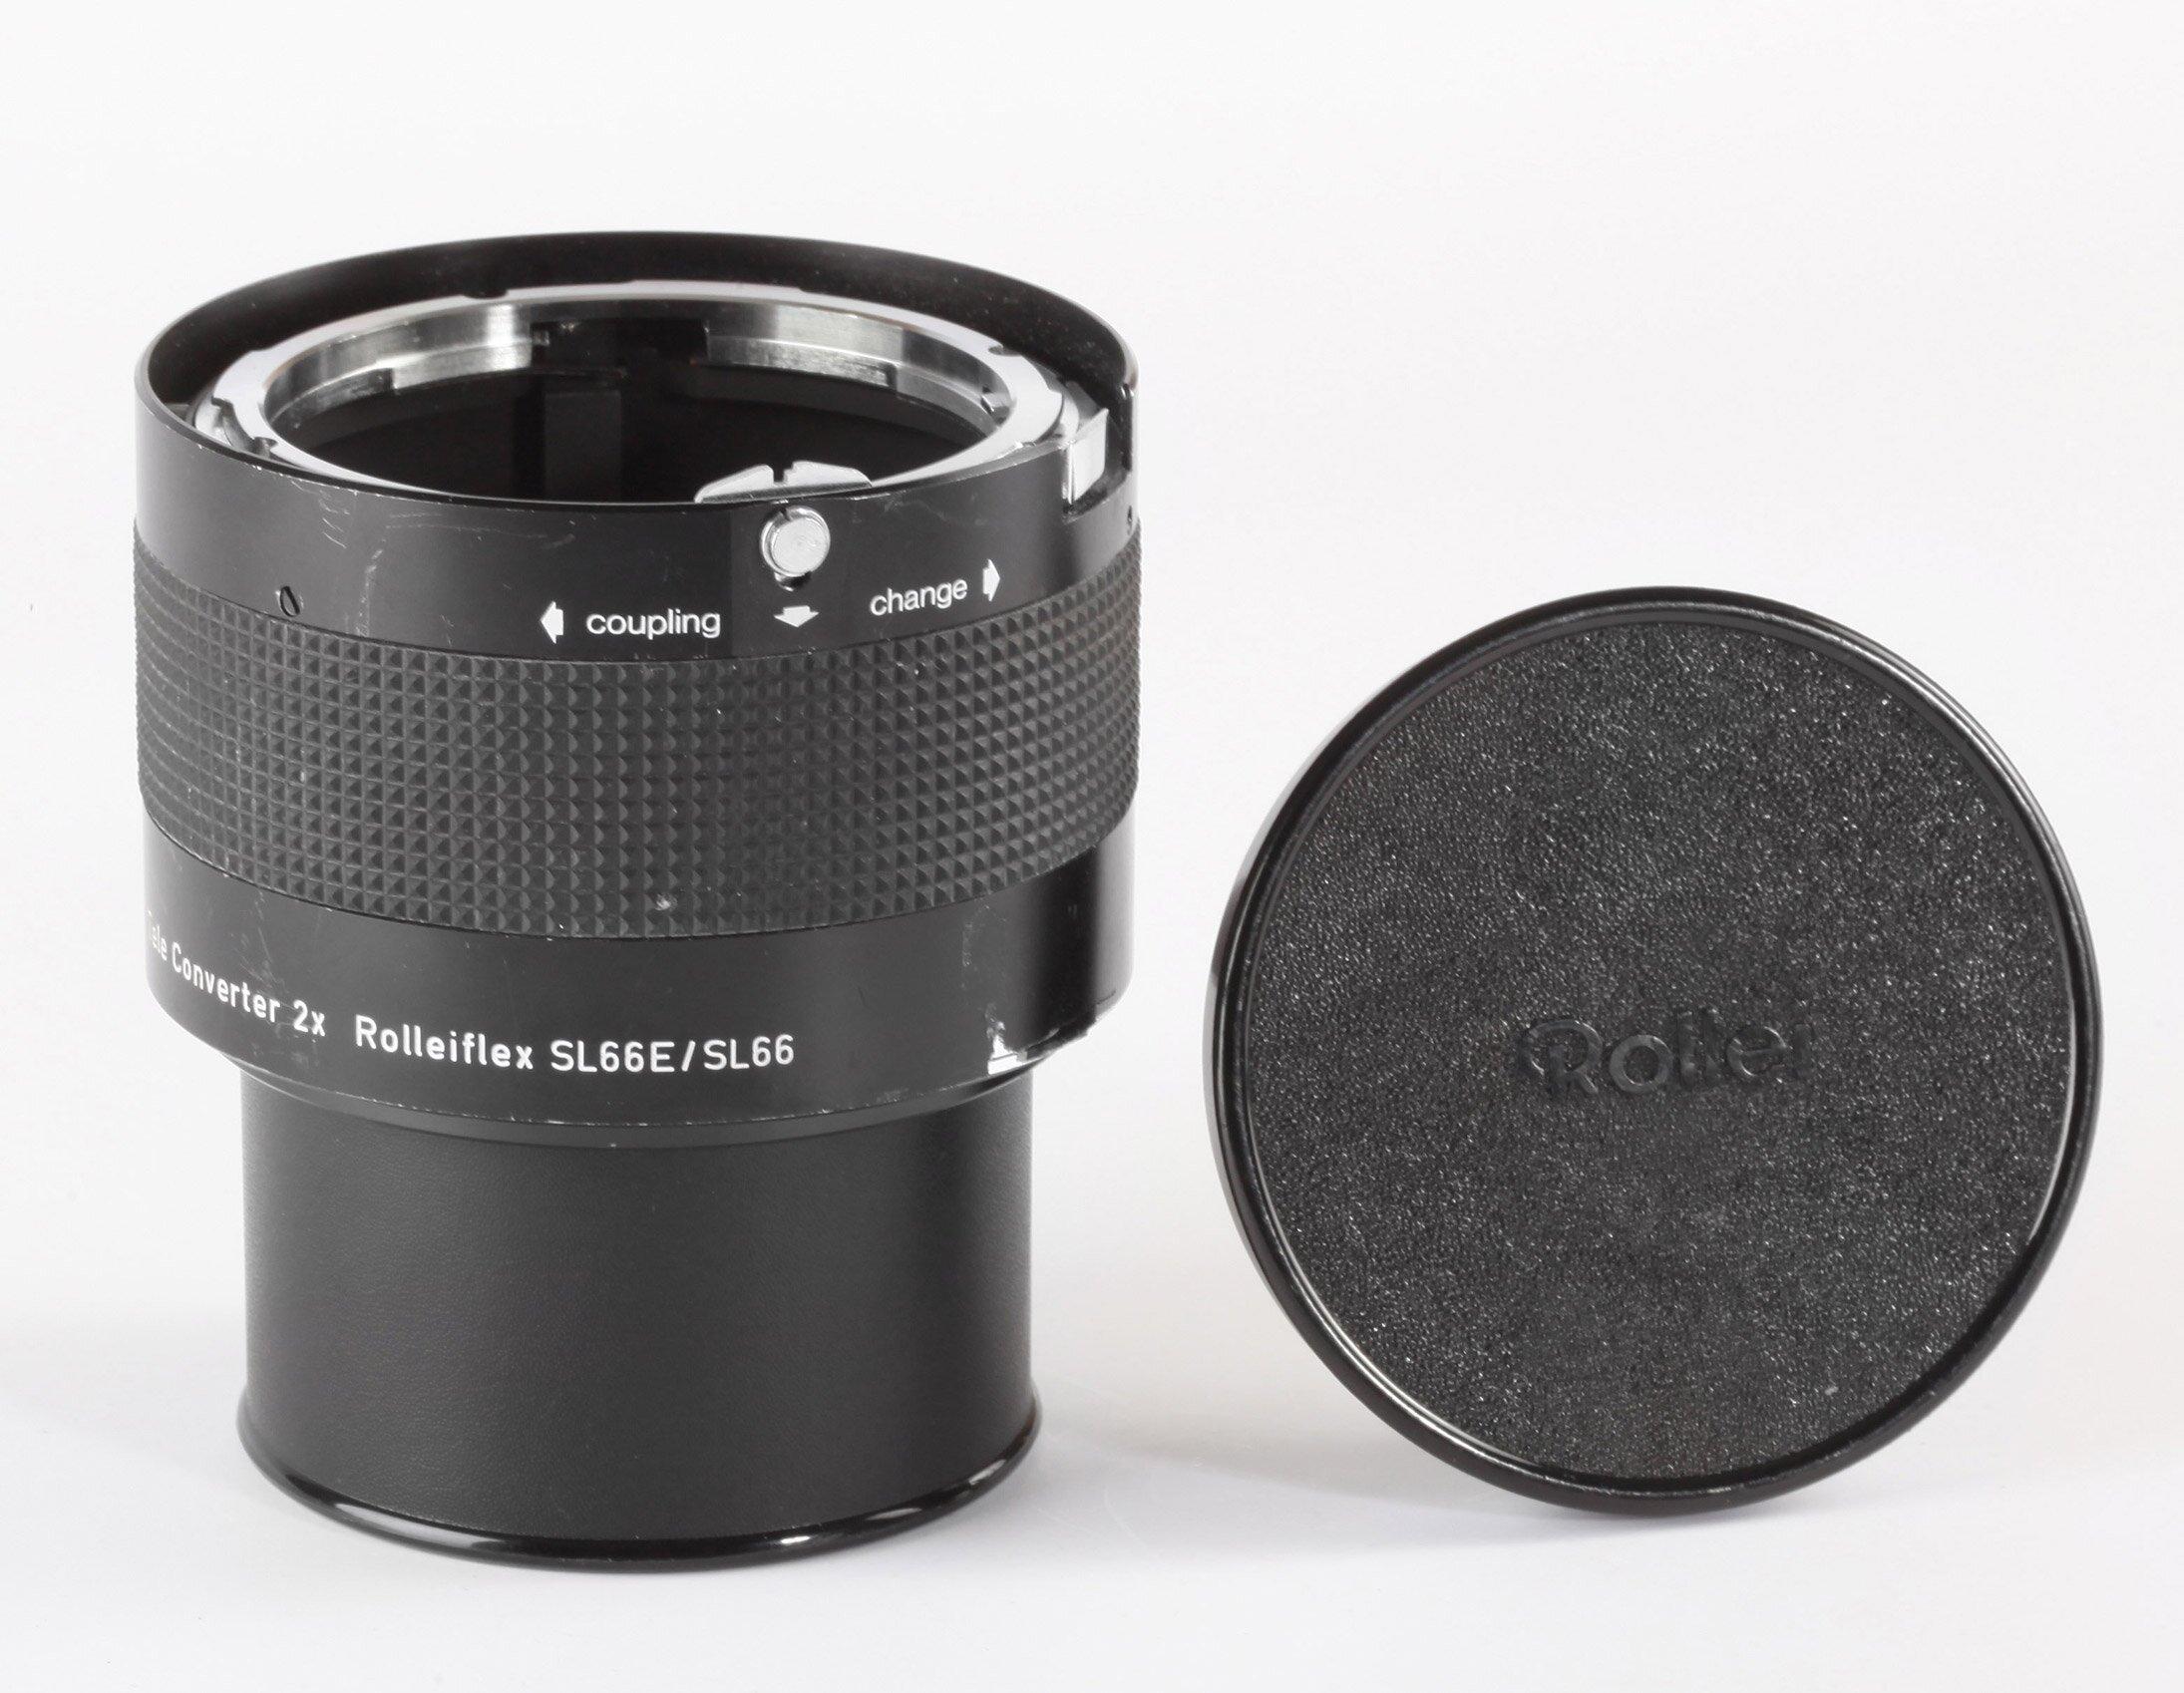 Rollei SL66 Tele Konverter 2x Rolleiflex